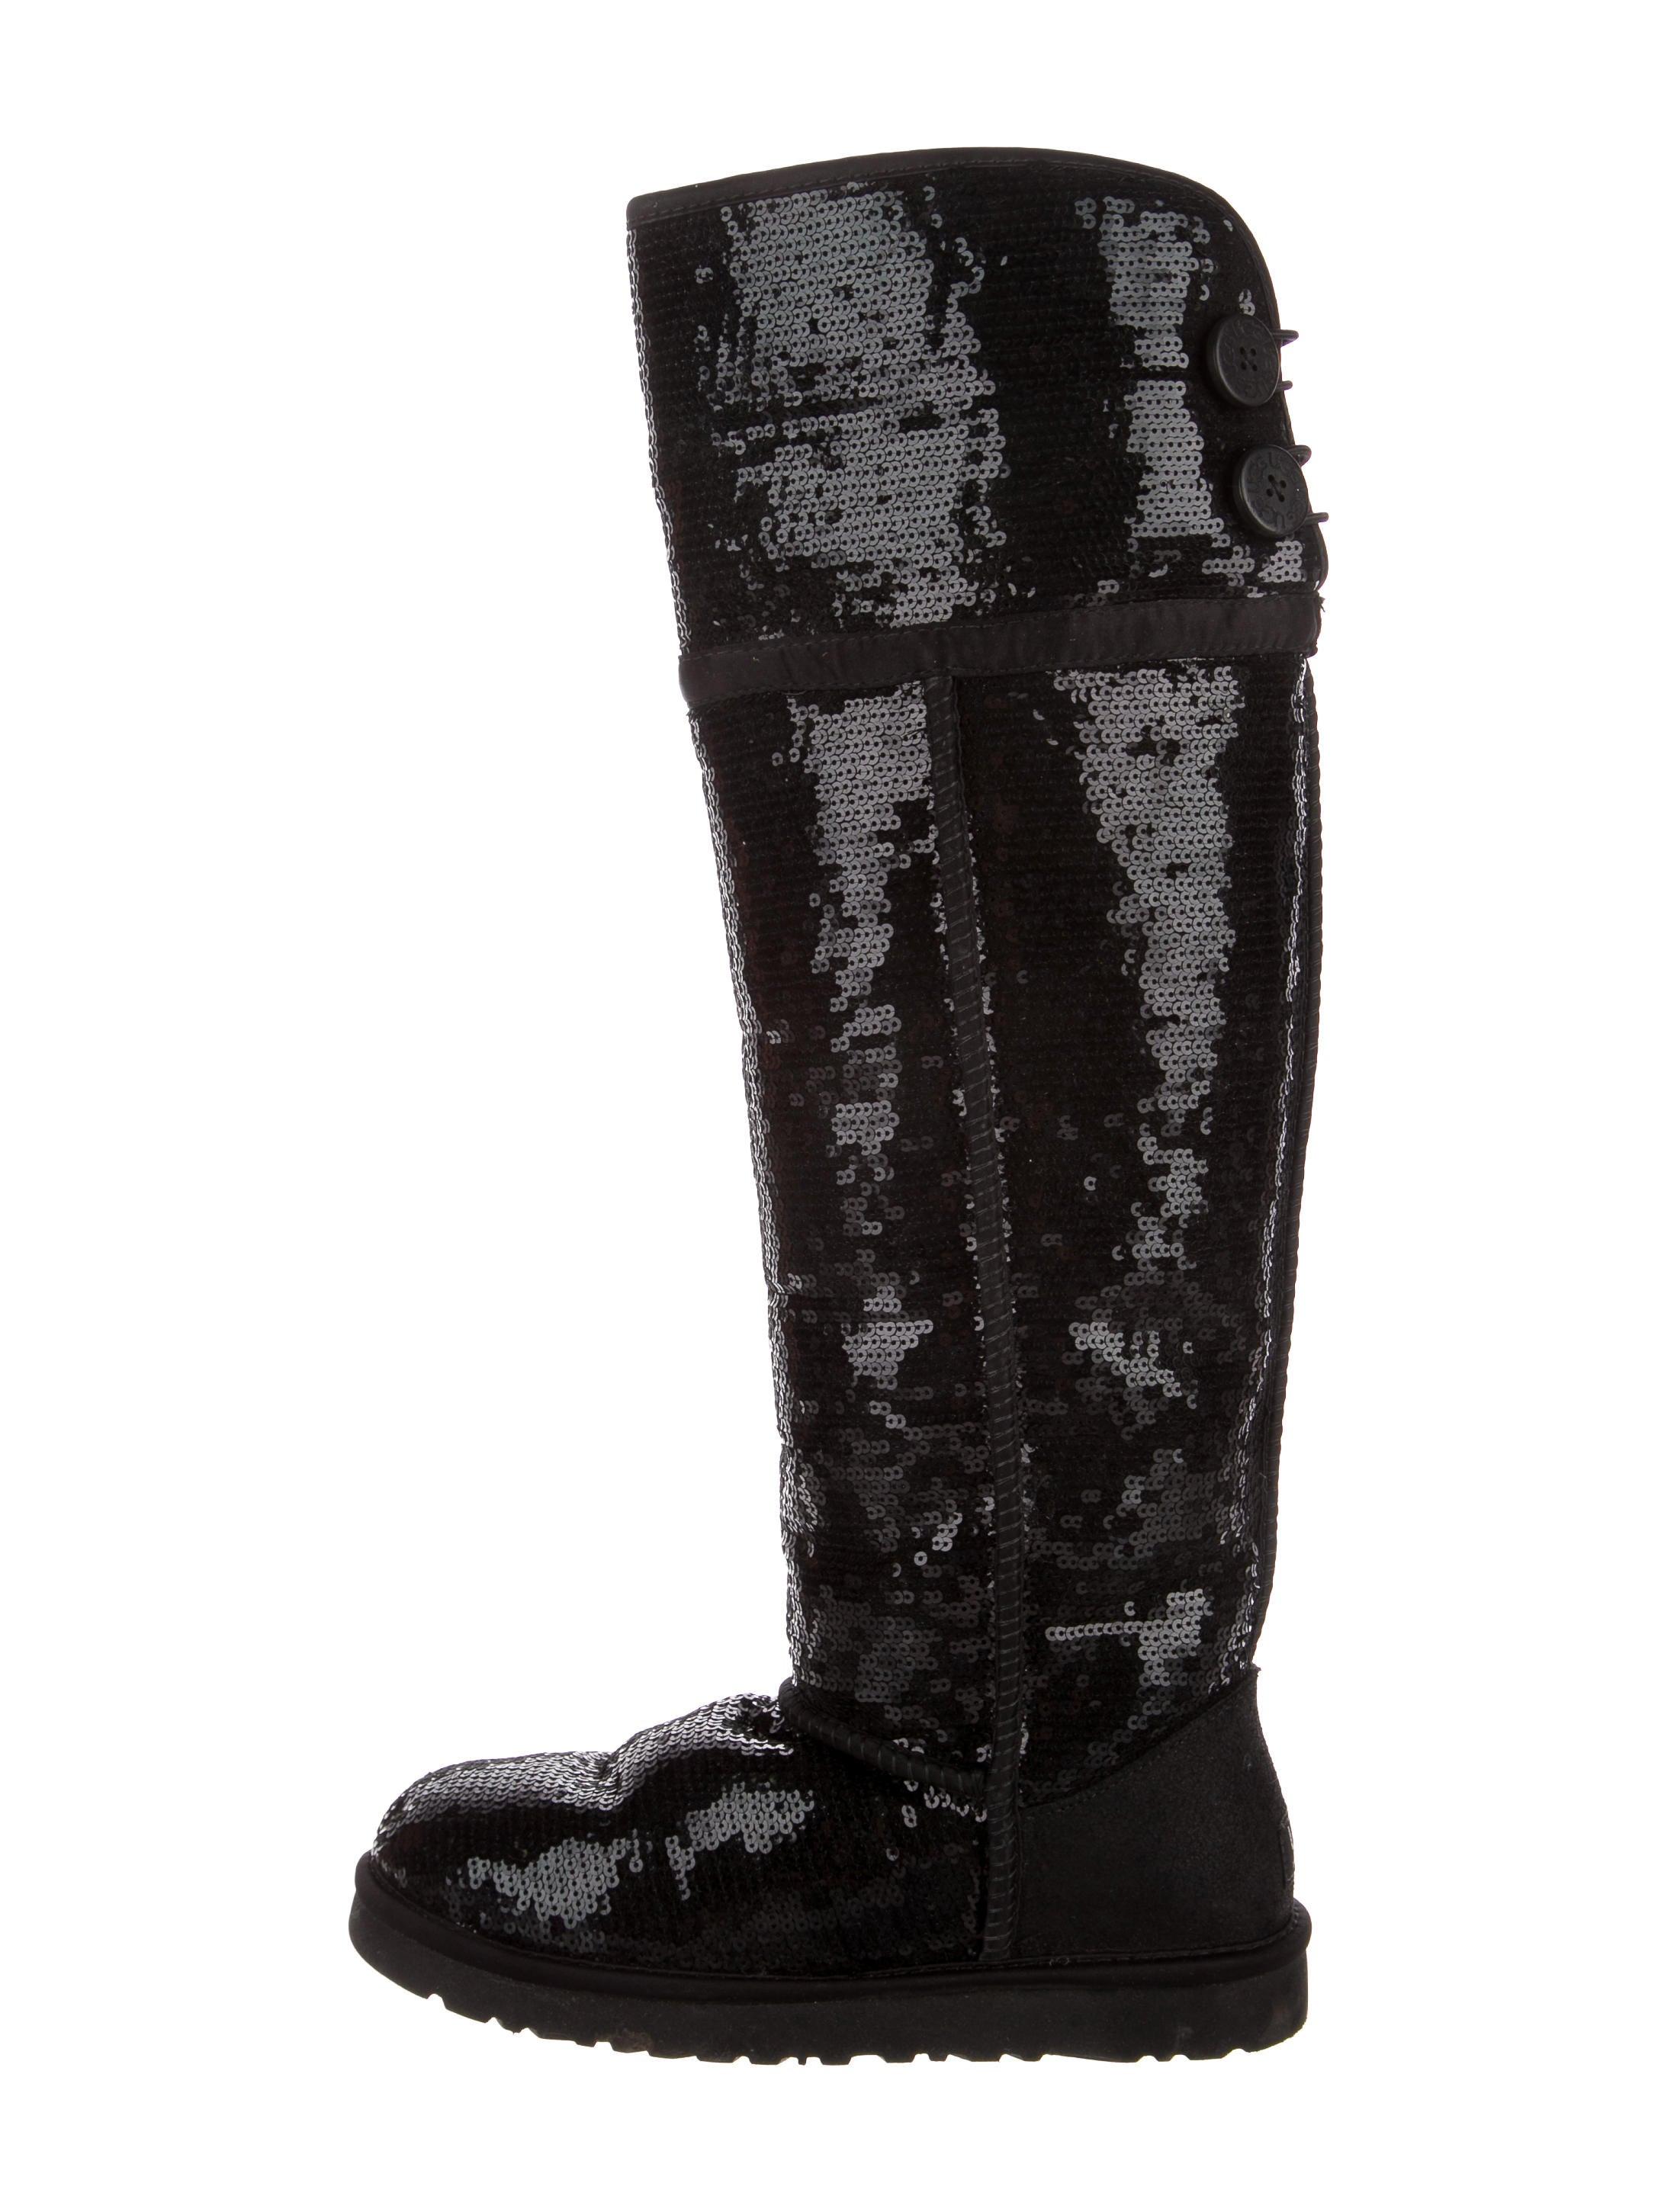 fb8b3e4cda4 Bailey Button Sparkles Over-The-Knee Boots